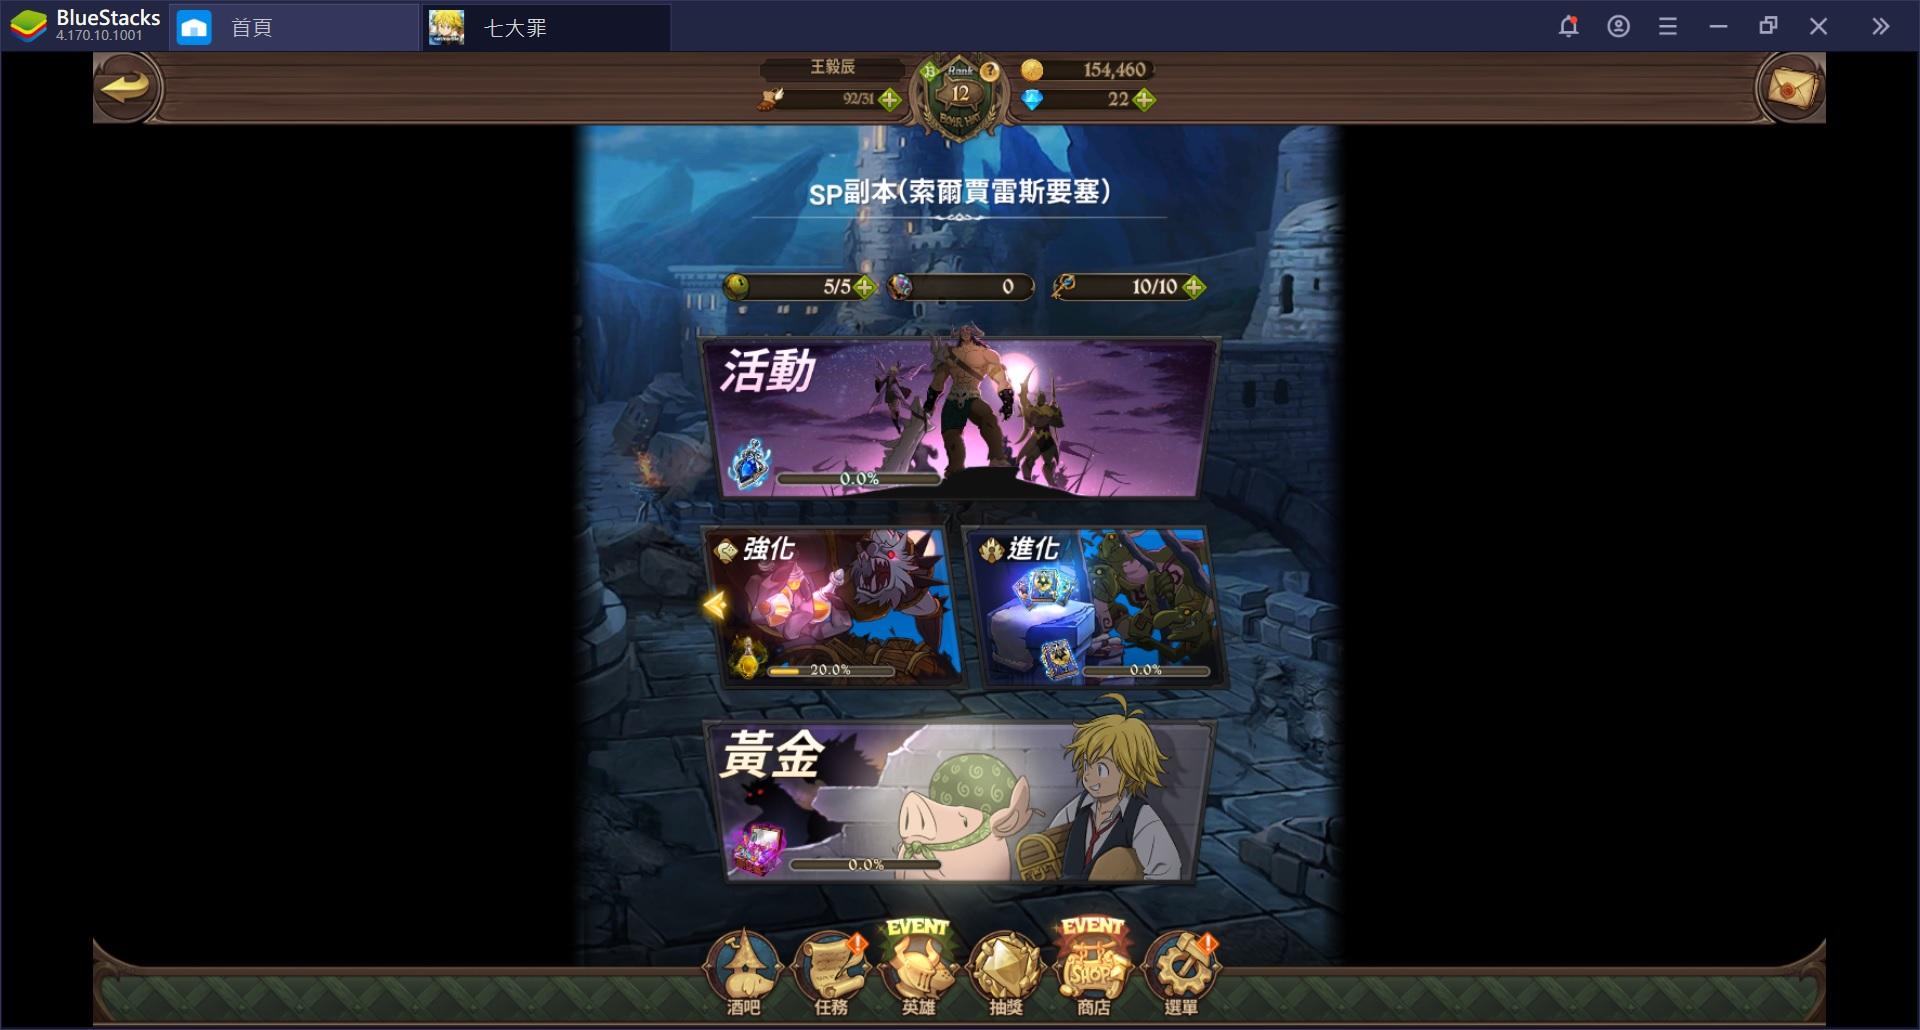 《七大罪:光與暗之交戰》:核心遊玩系統之盤點